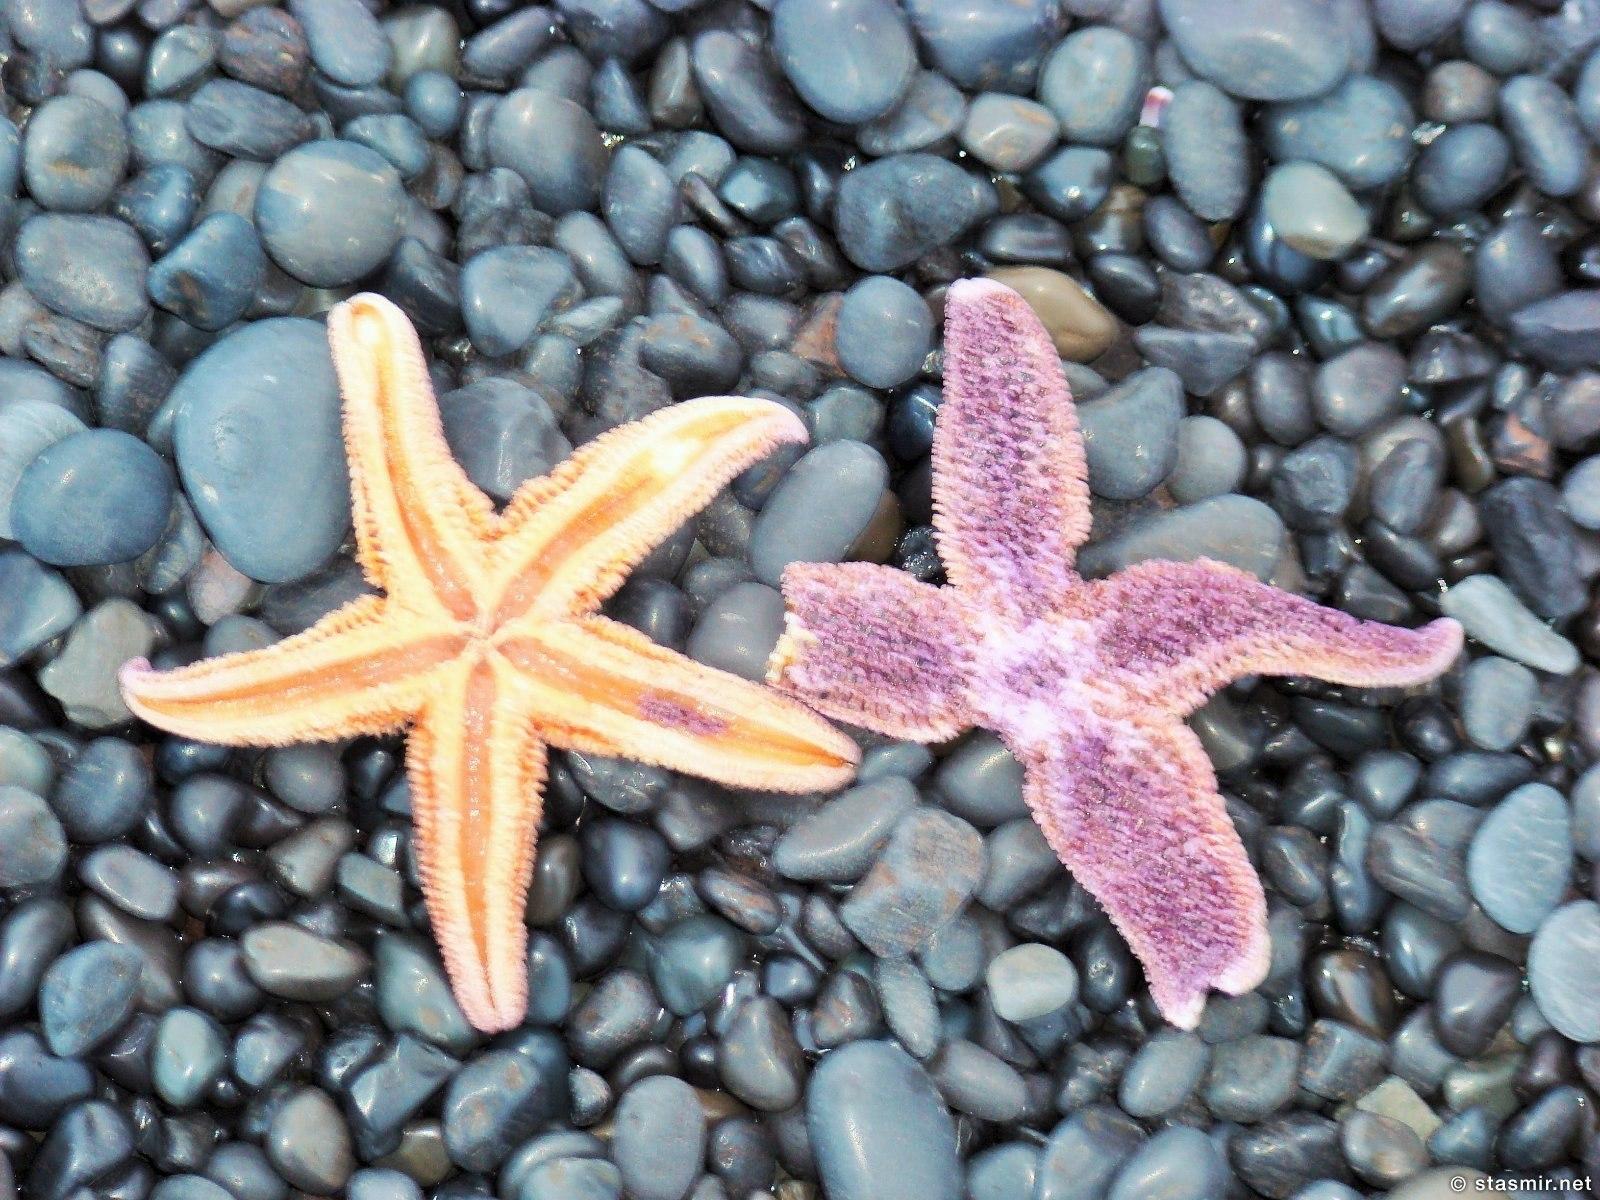 морские звезды на берегу в Исландии, фото Стасмир, Photo Stasmir